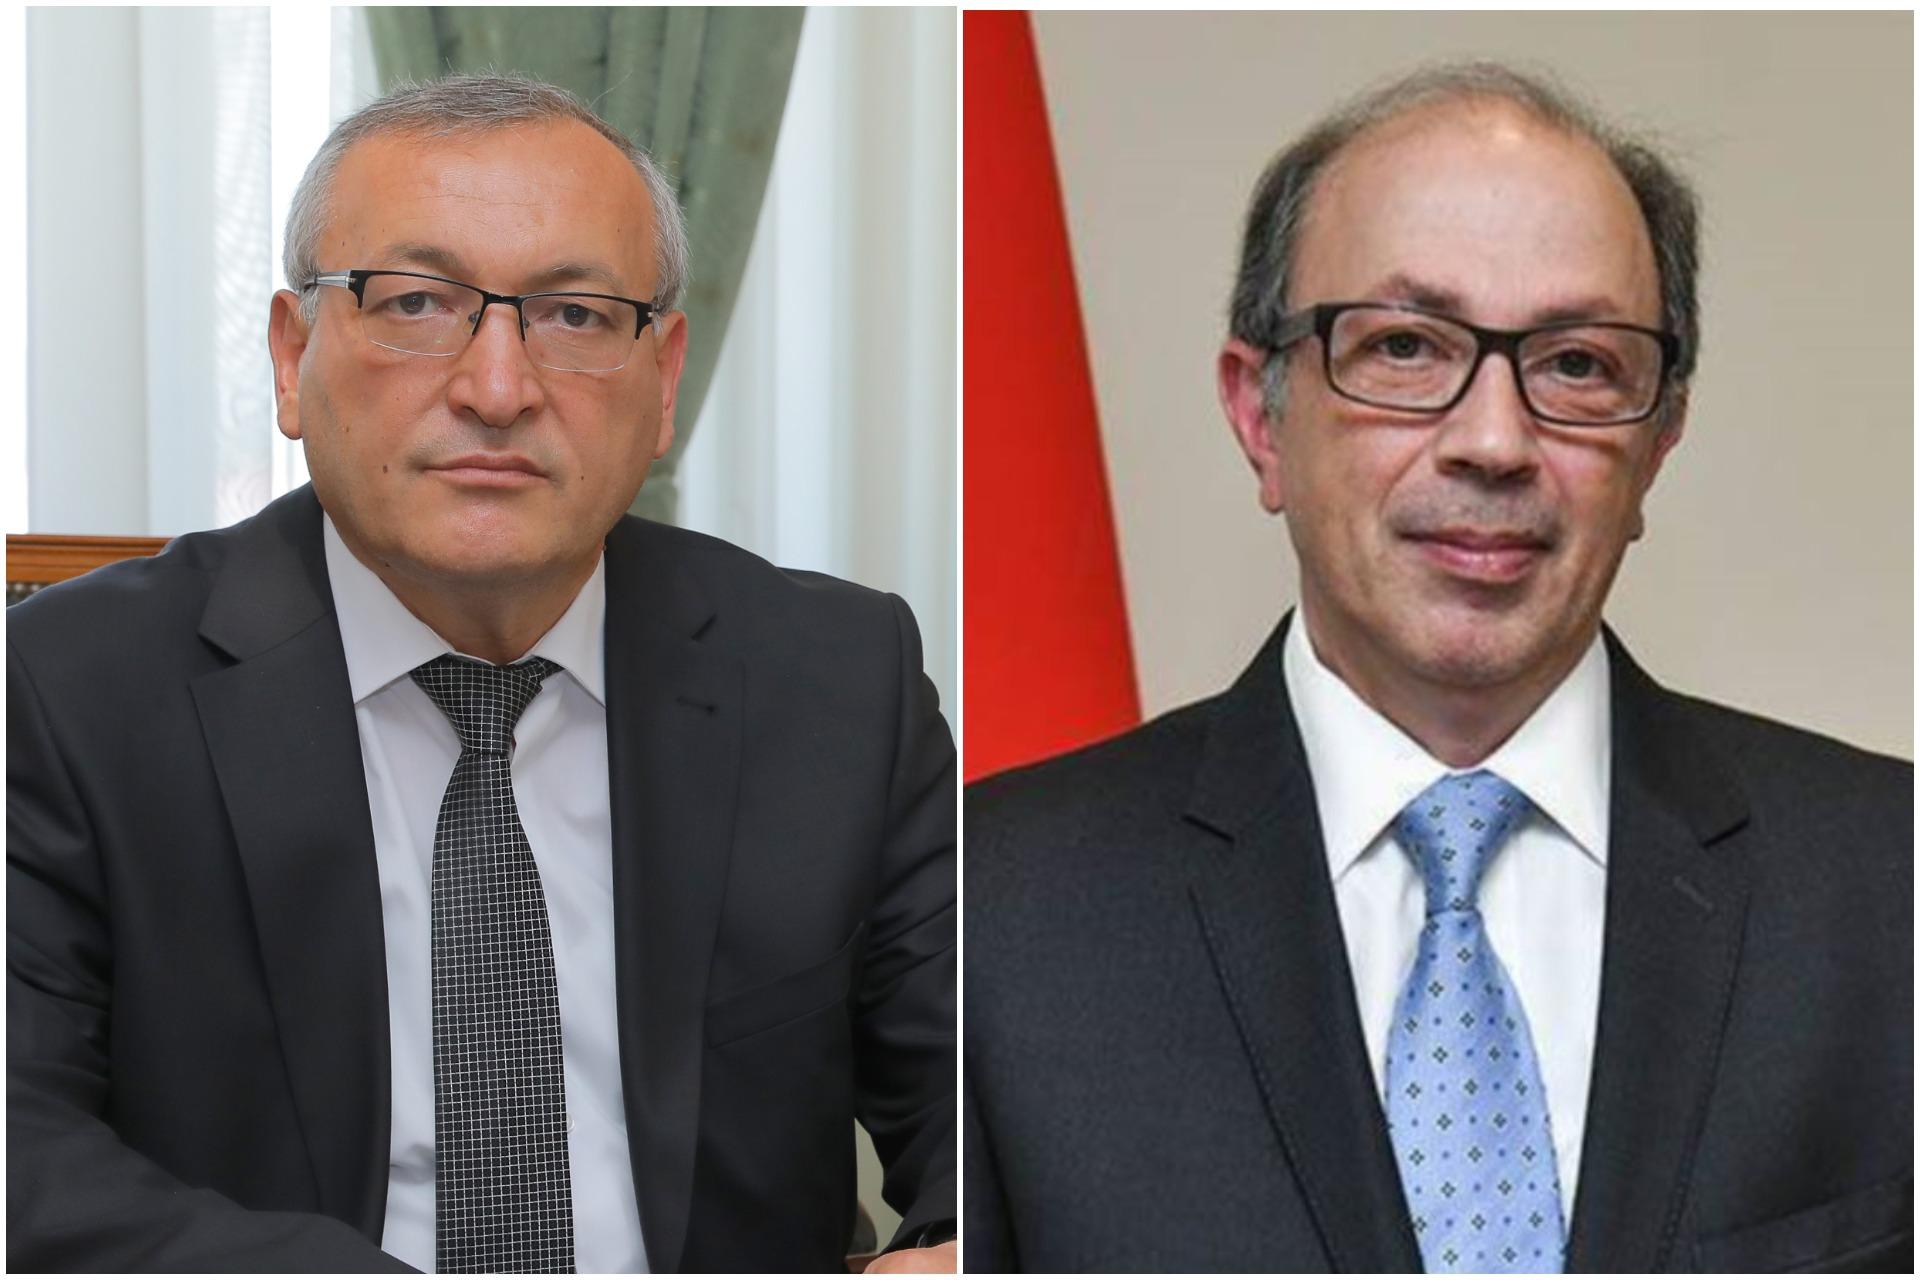 Photo of Արցախի ԱԺ նախագահն աշխատանքային այցով Երևանում է․ հանդիպել է ՀՀ արտգործնախարարի հետ